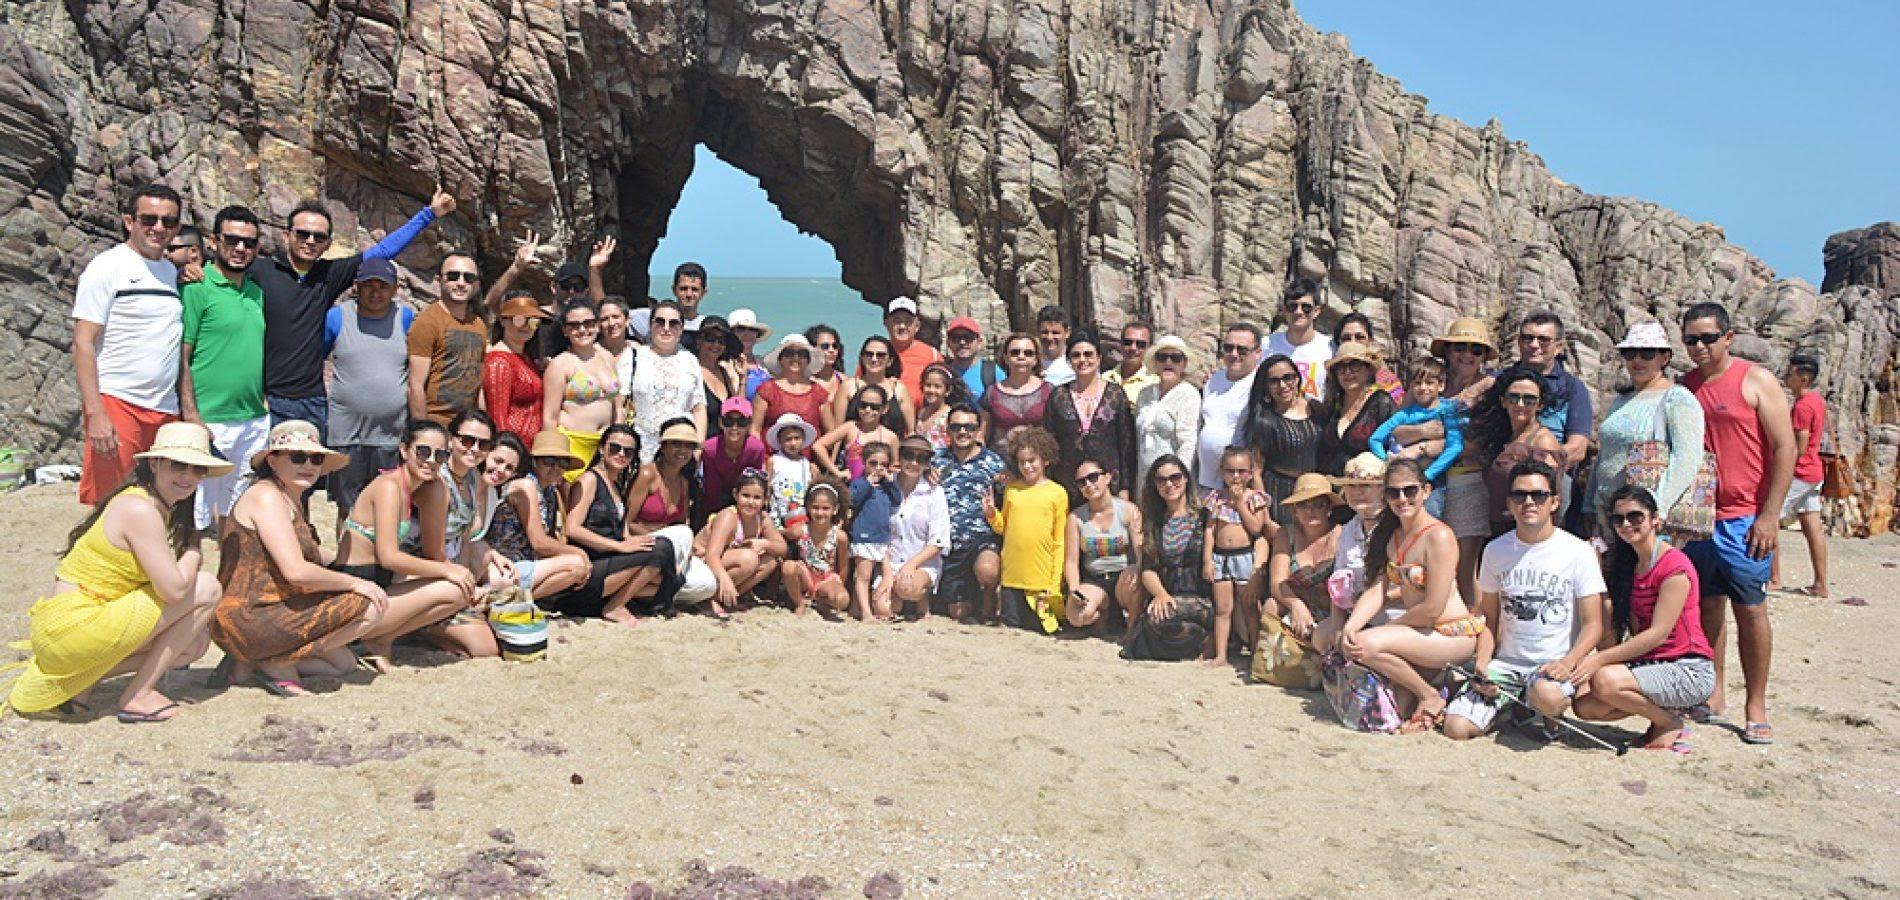 Com o apoio da Prefeitura, grupo de professores de Vila Nova do Piauí faz viagem ao litoral cearense; veja fotos